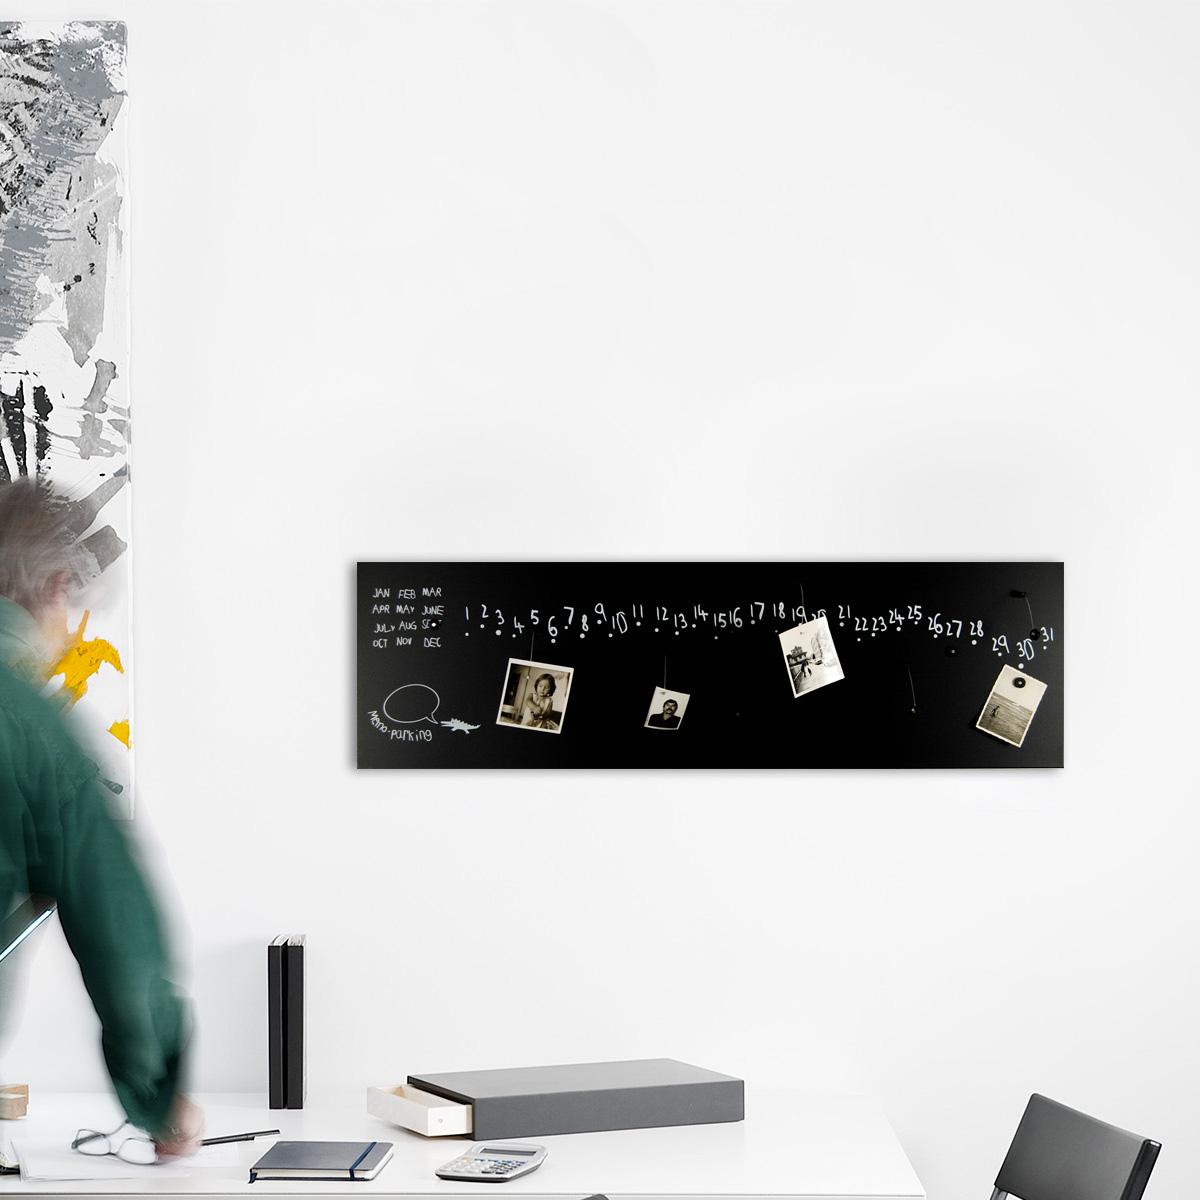 Calendario Ufficio Design - Lavagna Magnetica Design  dESIGNoBJECT